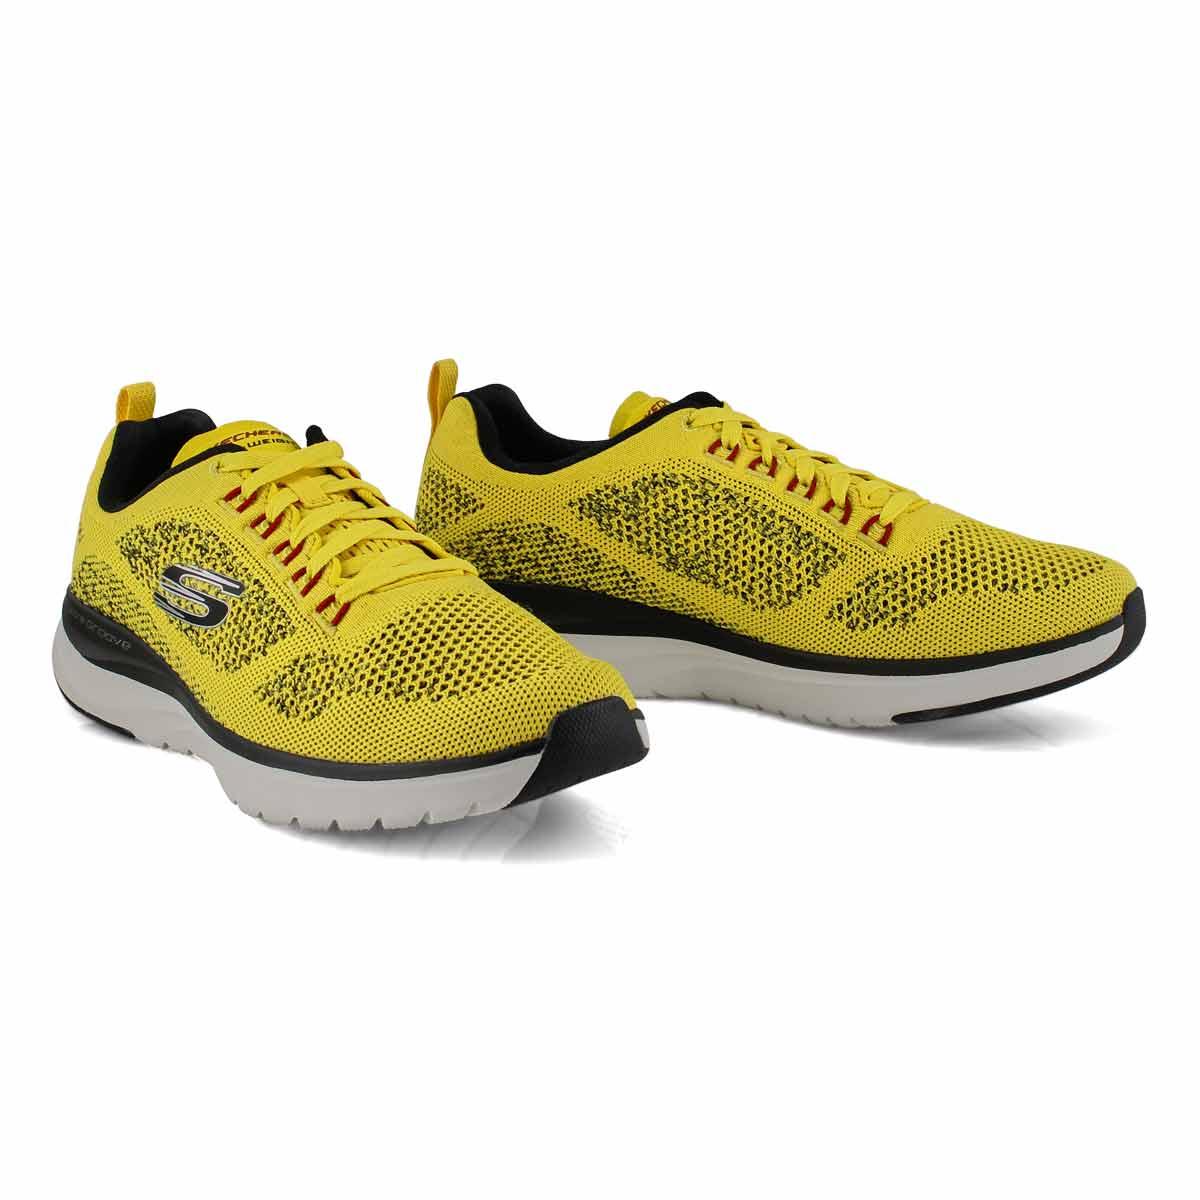 Chaussures de course ULTRAGROOVE jaune/noir, homme